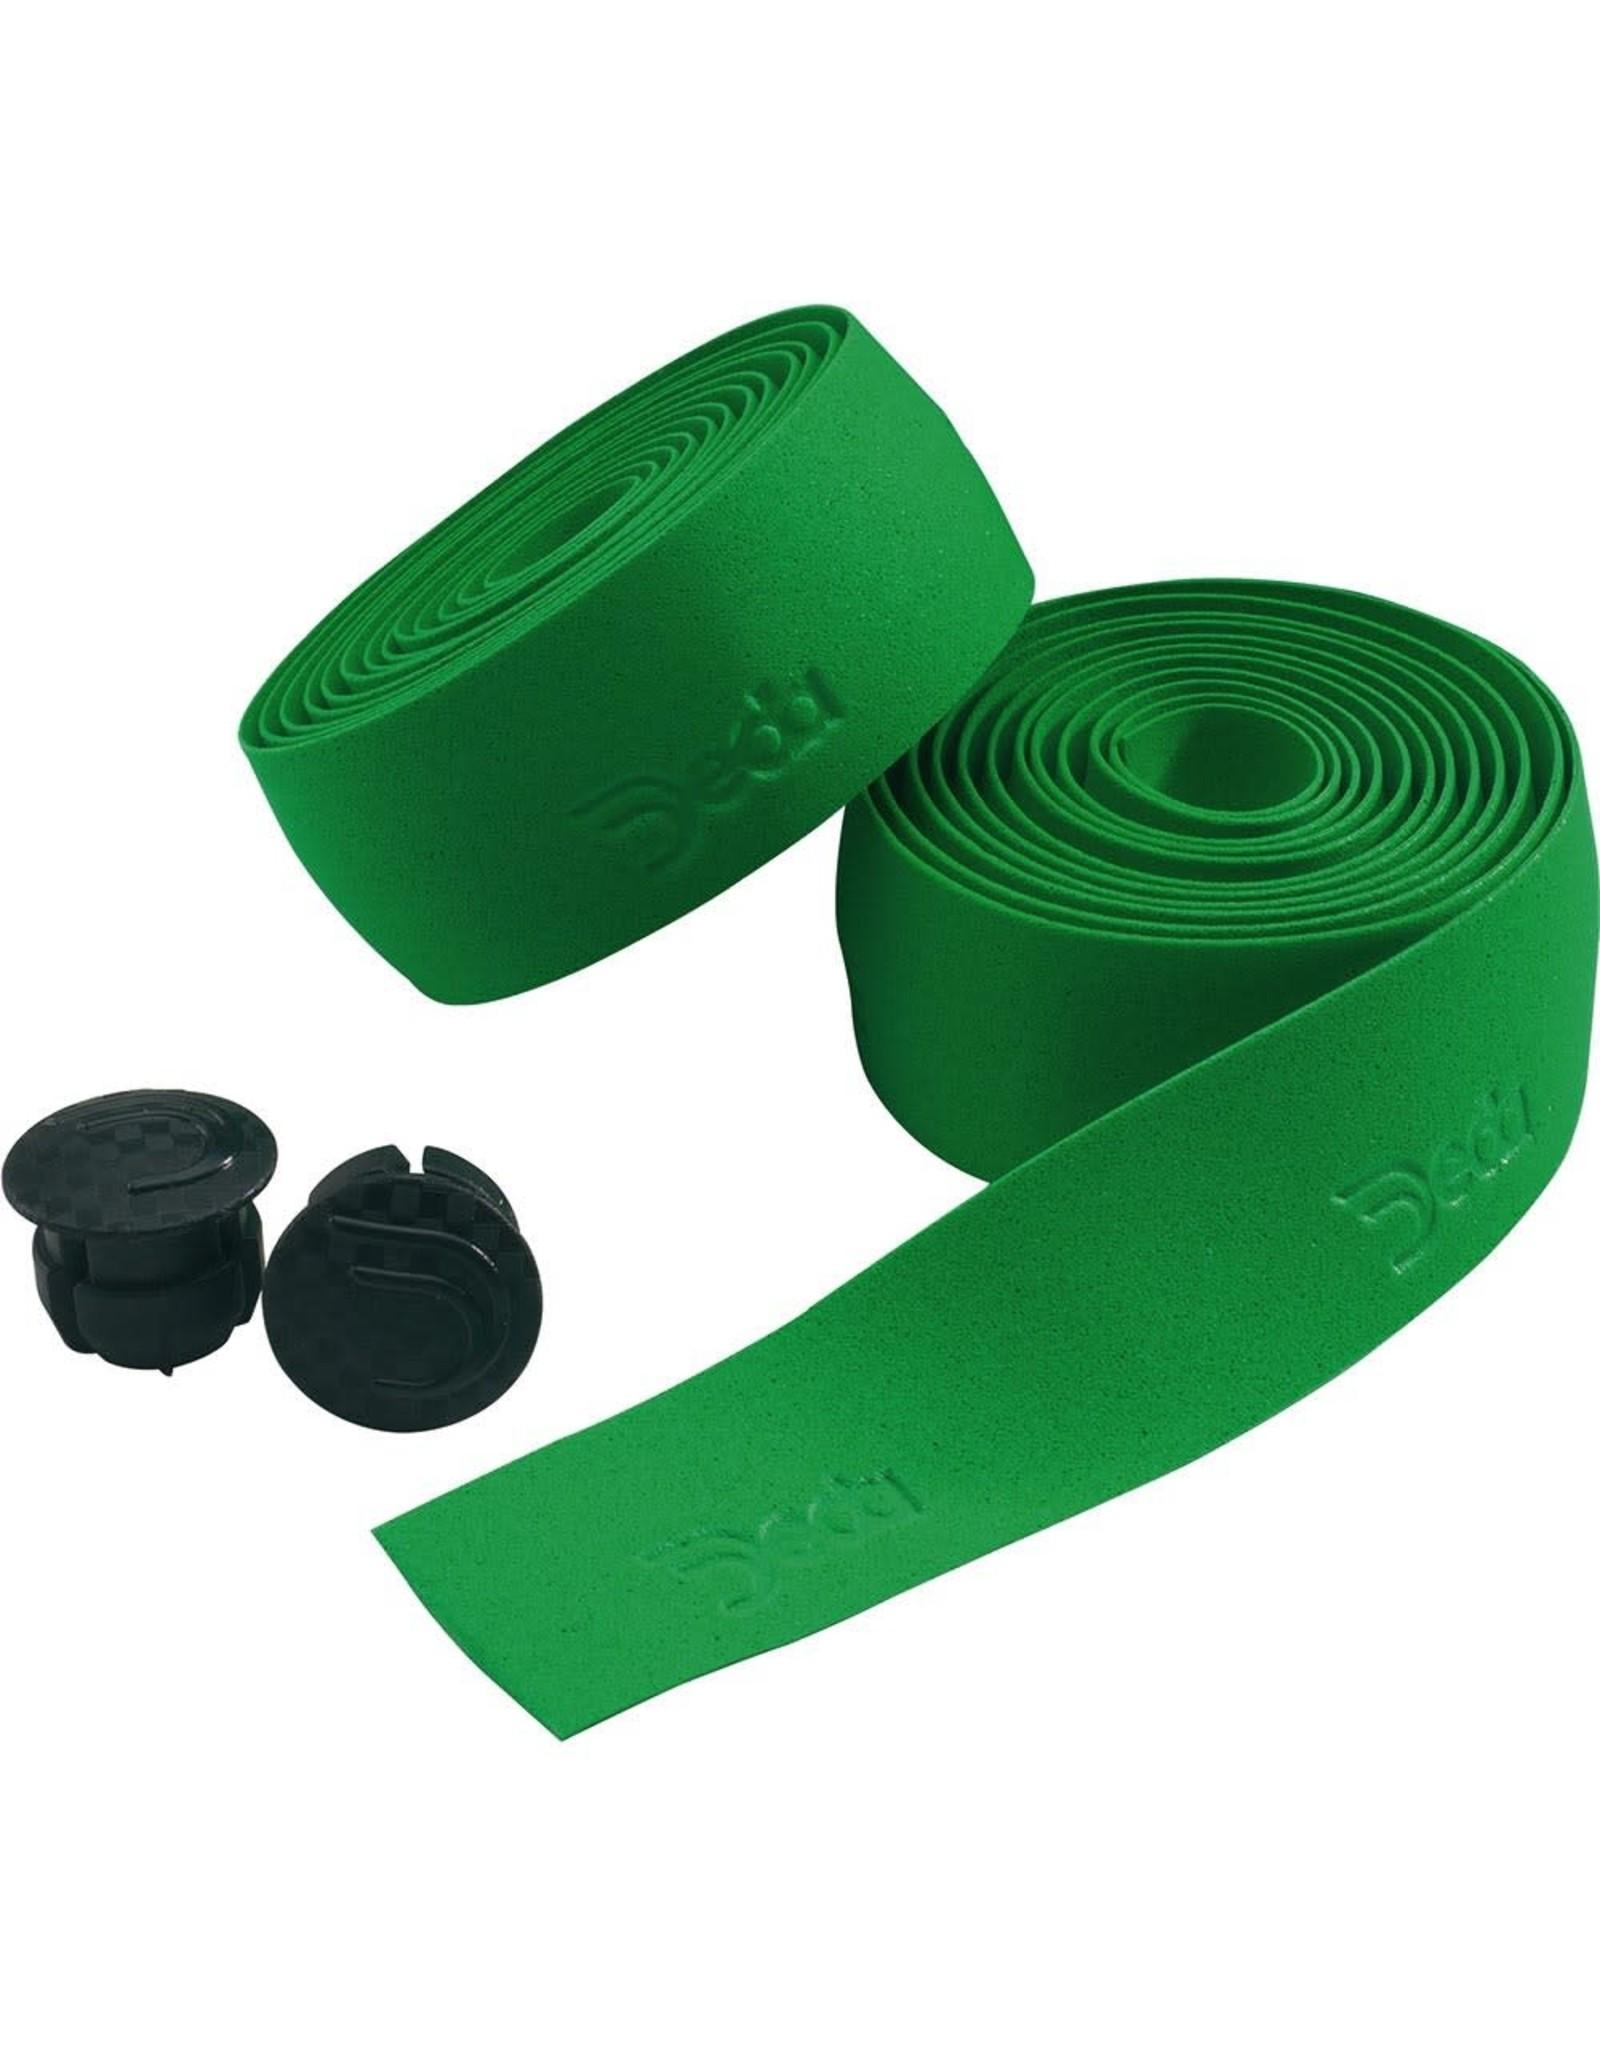 Deda Handlebar Tape Kawa Green